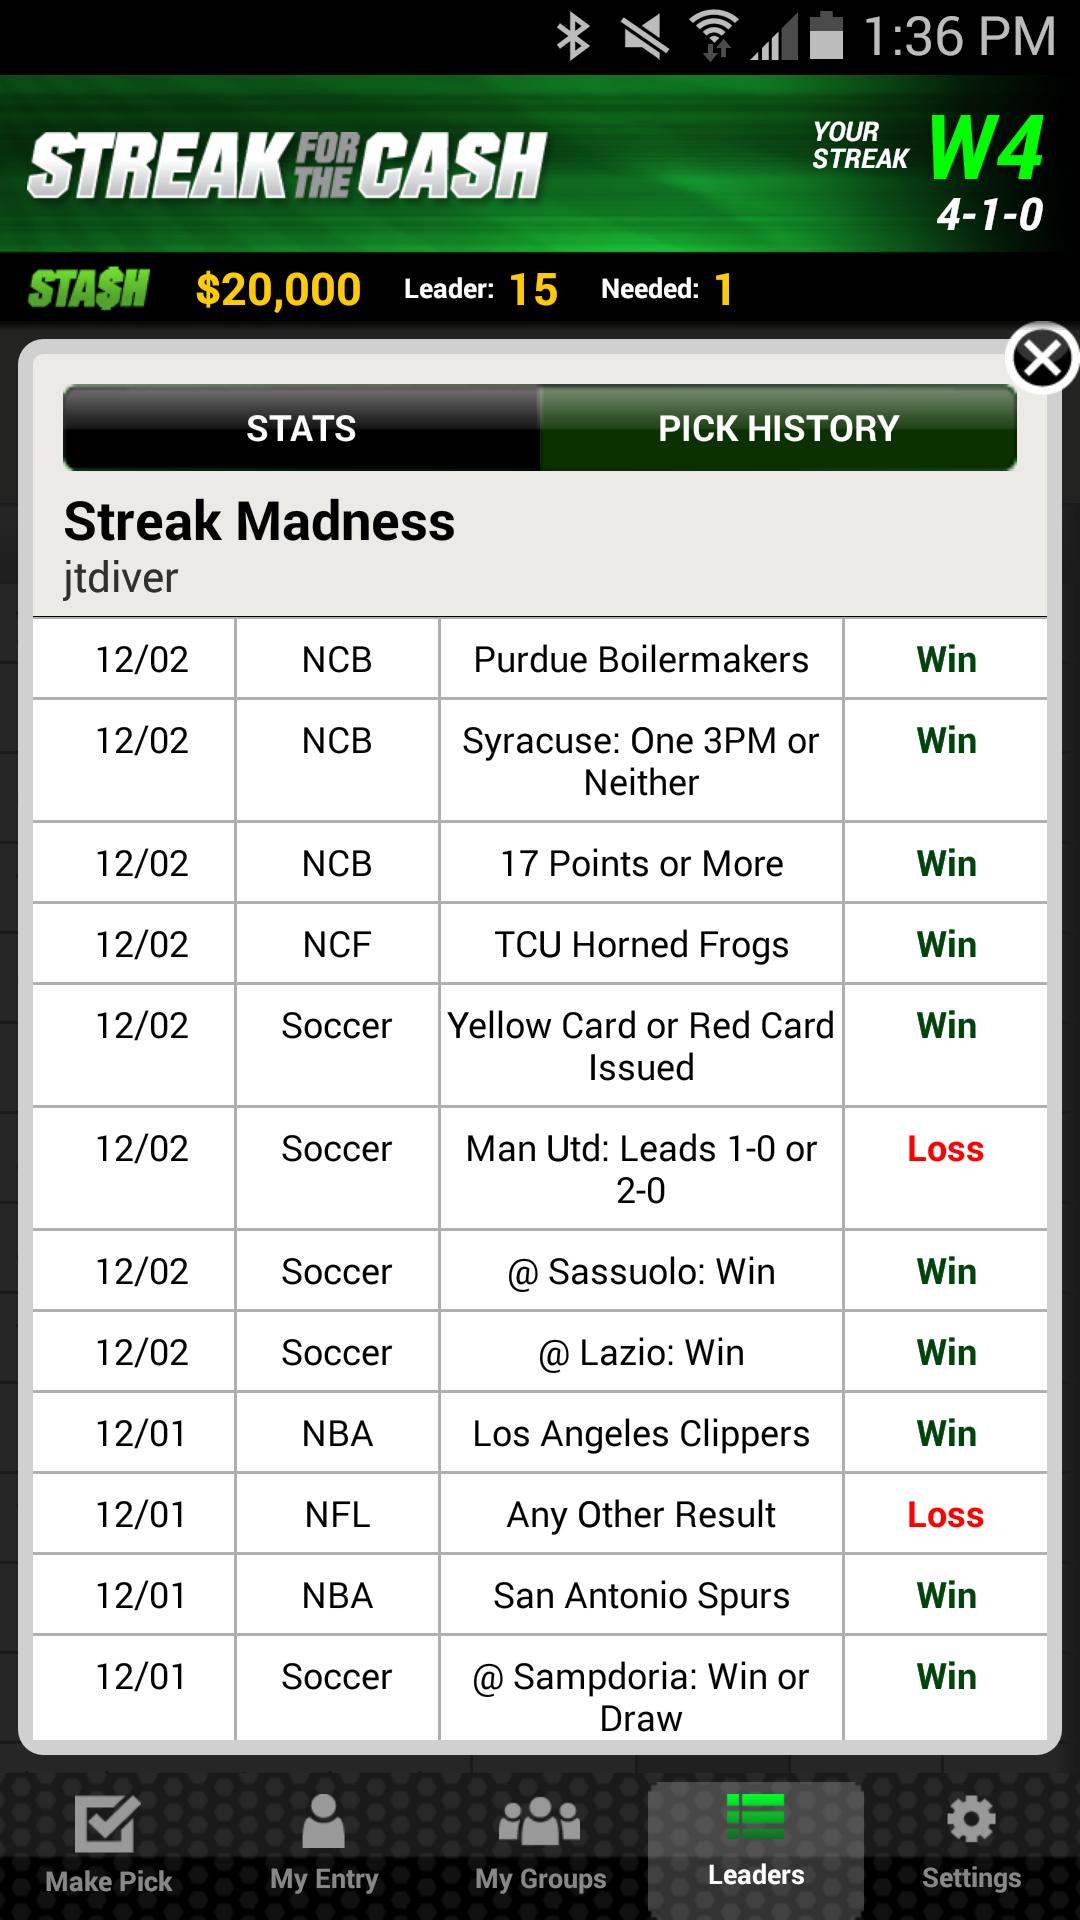 ESPN Streak For The Cash screenshot #8